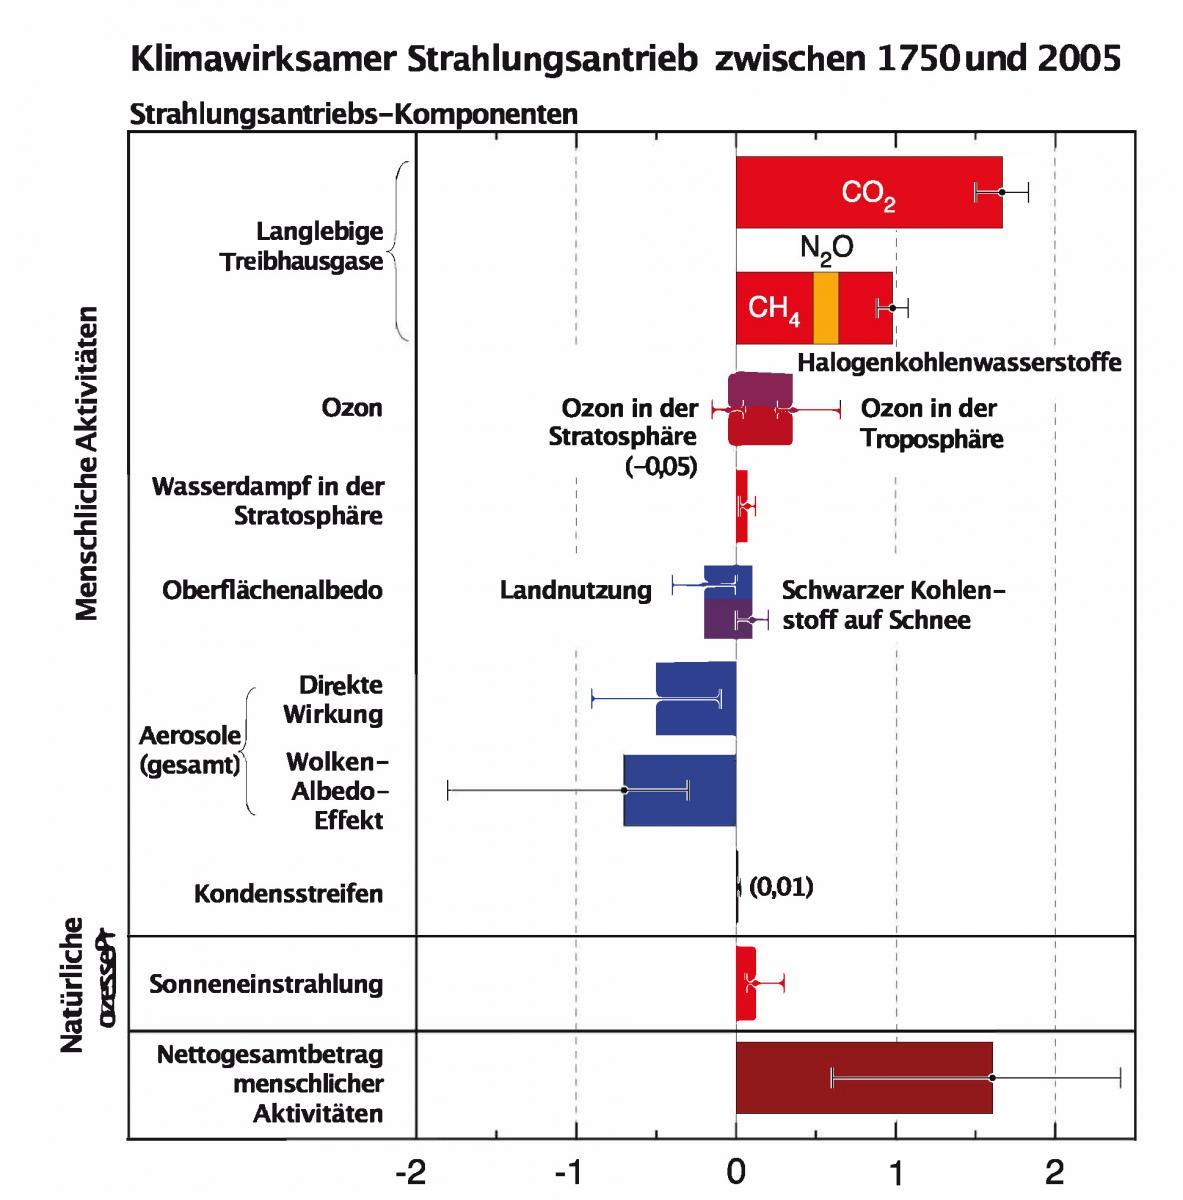 Zusammenfassung der wichtigsten Komponenten des Strahlungsantriebs des Klimawandels.